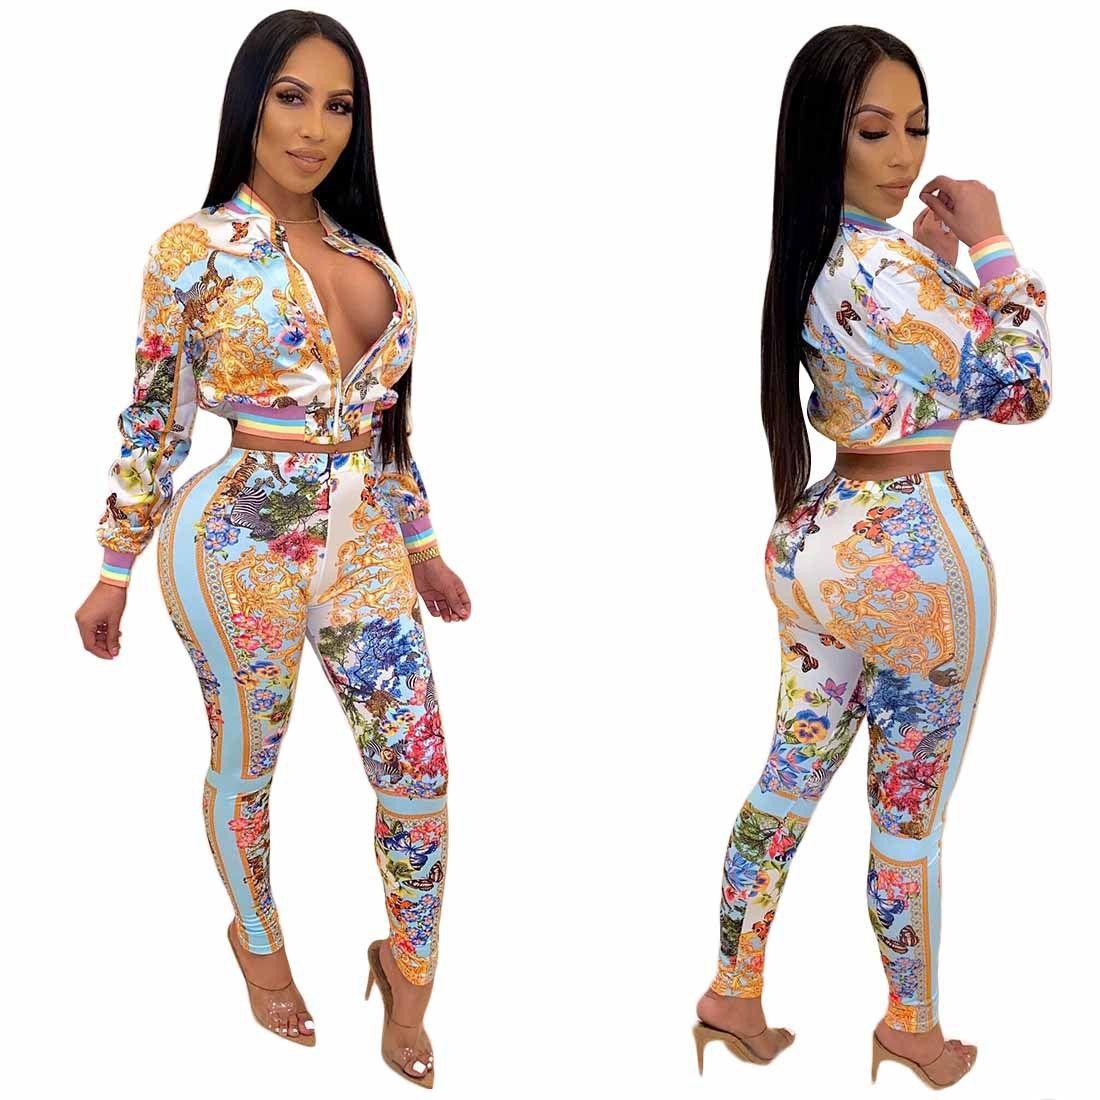 Bateau libre 2020 Femmes Mode imprimé floral Sweatsuit Casual Slim Zip Jacket Neck et pantalon 2pcs Survêtement XXL